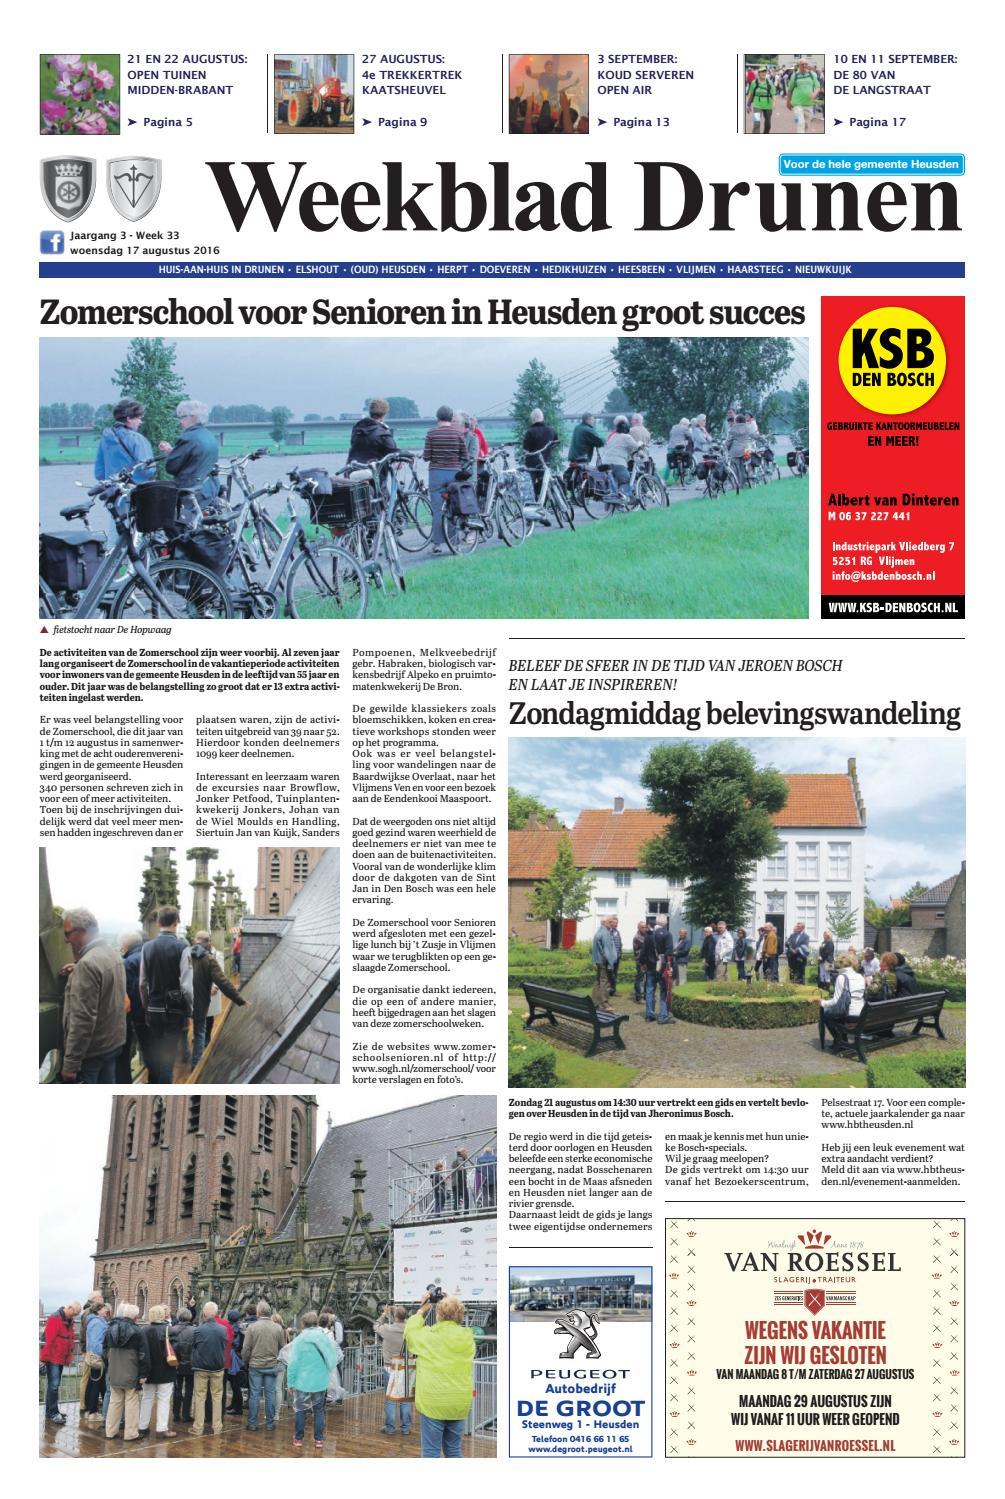 2e Hands Kantoormeubelen Nijkerk.Weekblad Drunen 17 08 2016 By Uitgeverij Em De Jong Issuu